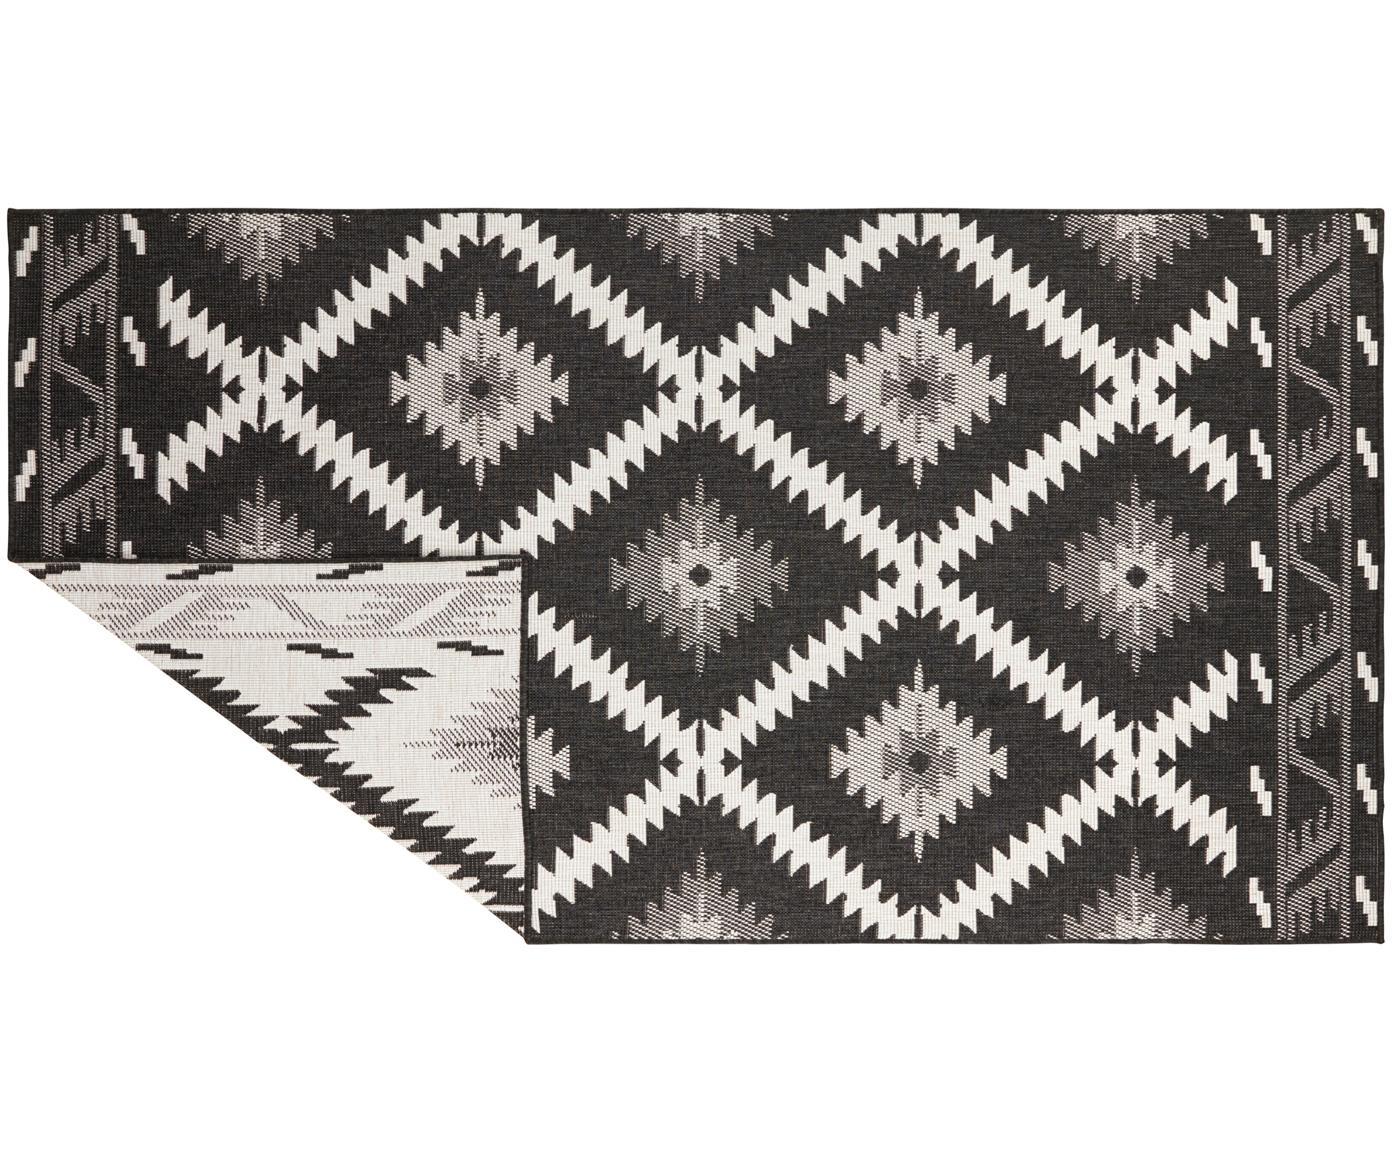 Dubbelzijdig in- en outdoor vloerkleed Malibu, Zwart, crèmekleurig, B 80 x L 150 cm (maat XS)